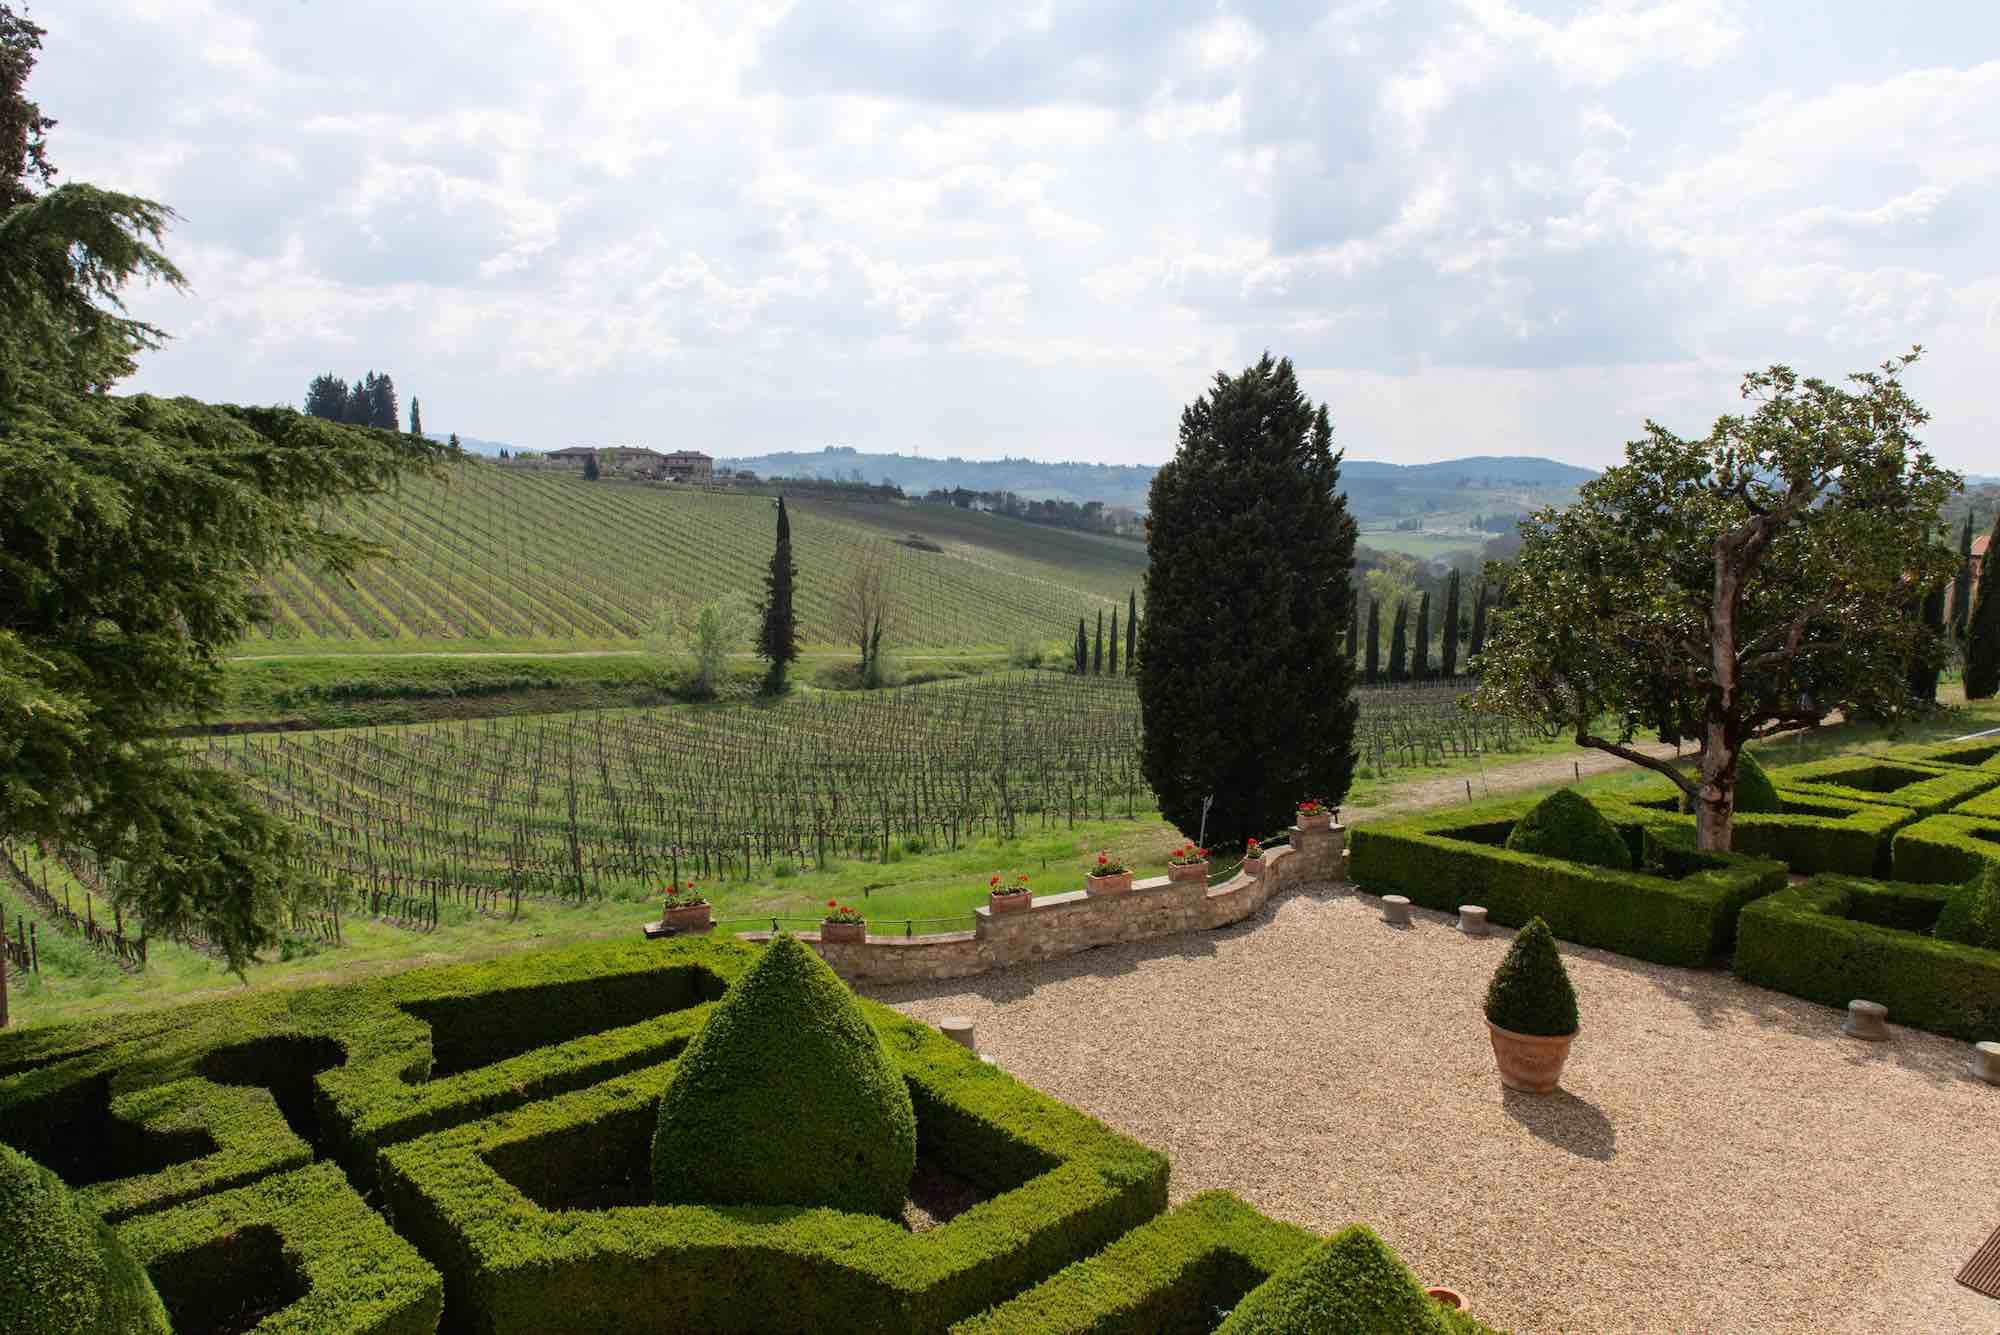 La Tenuta Poggio Casciano dell'azienda Ruffino è tra i migliori wine resort in Toscana.